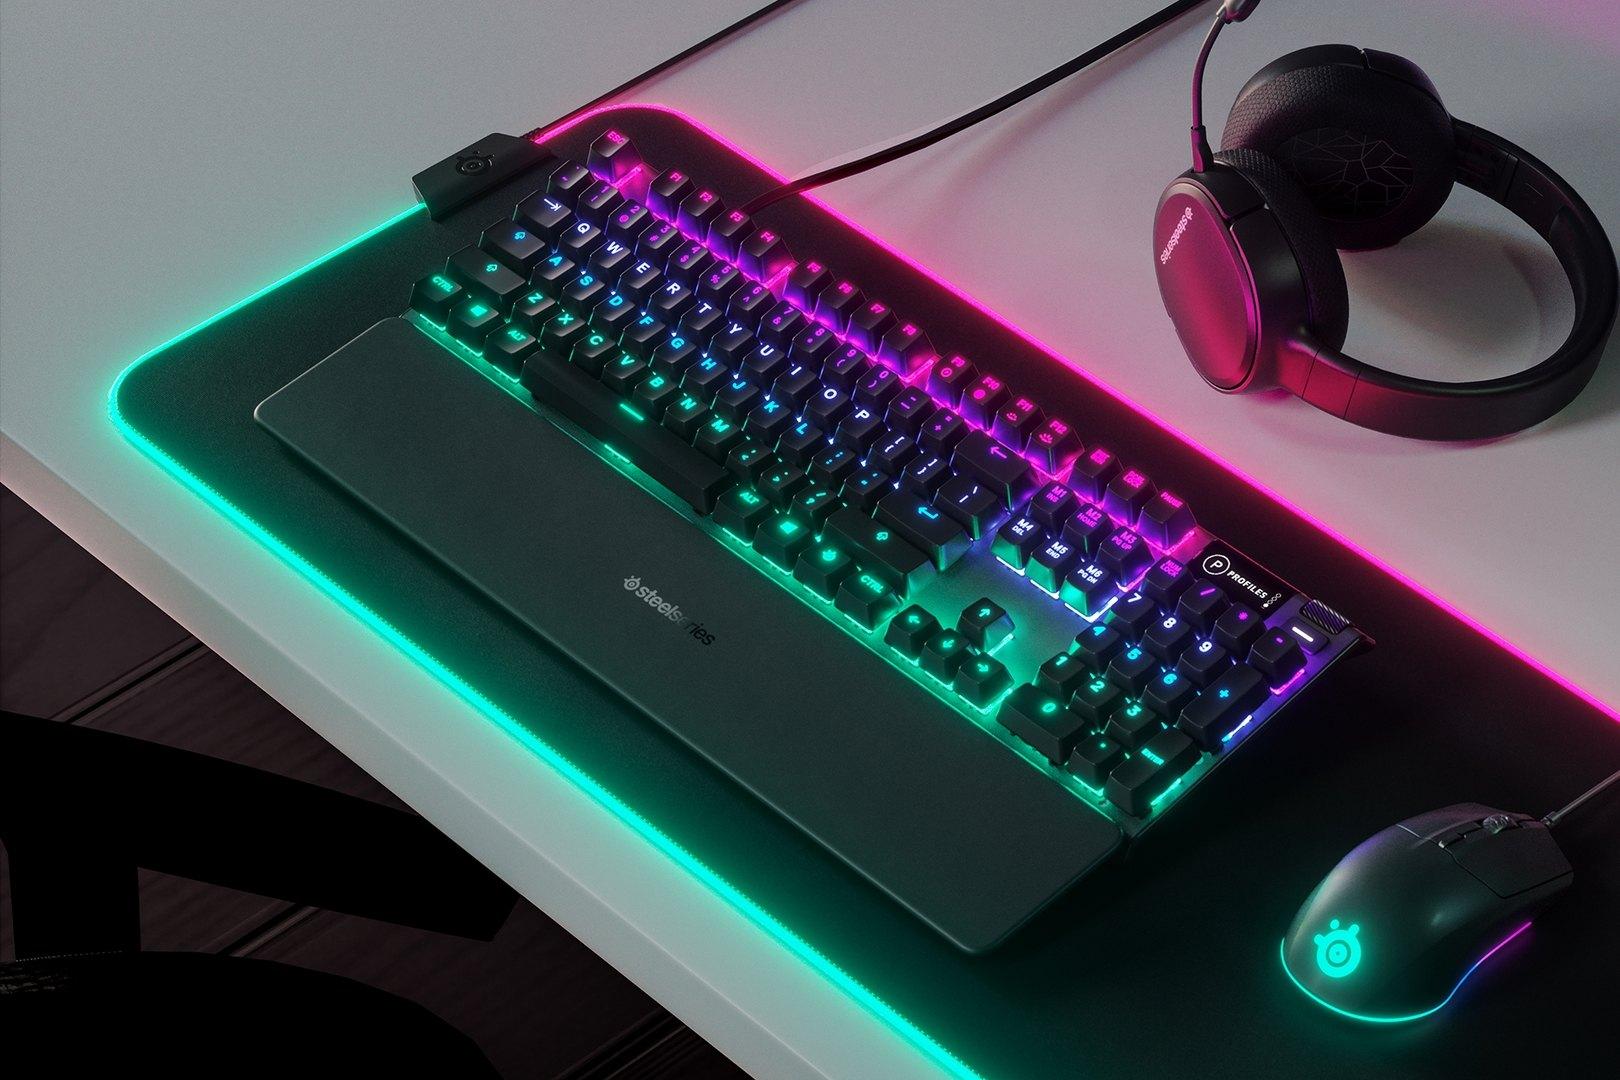 Bàn phím cơ SteelSeries APEX 5 RGB Hybrid switch Mechanical Gaming Black trang bị kê tay tiện lợi